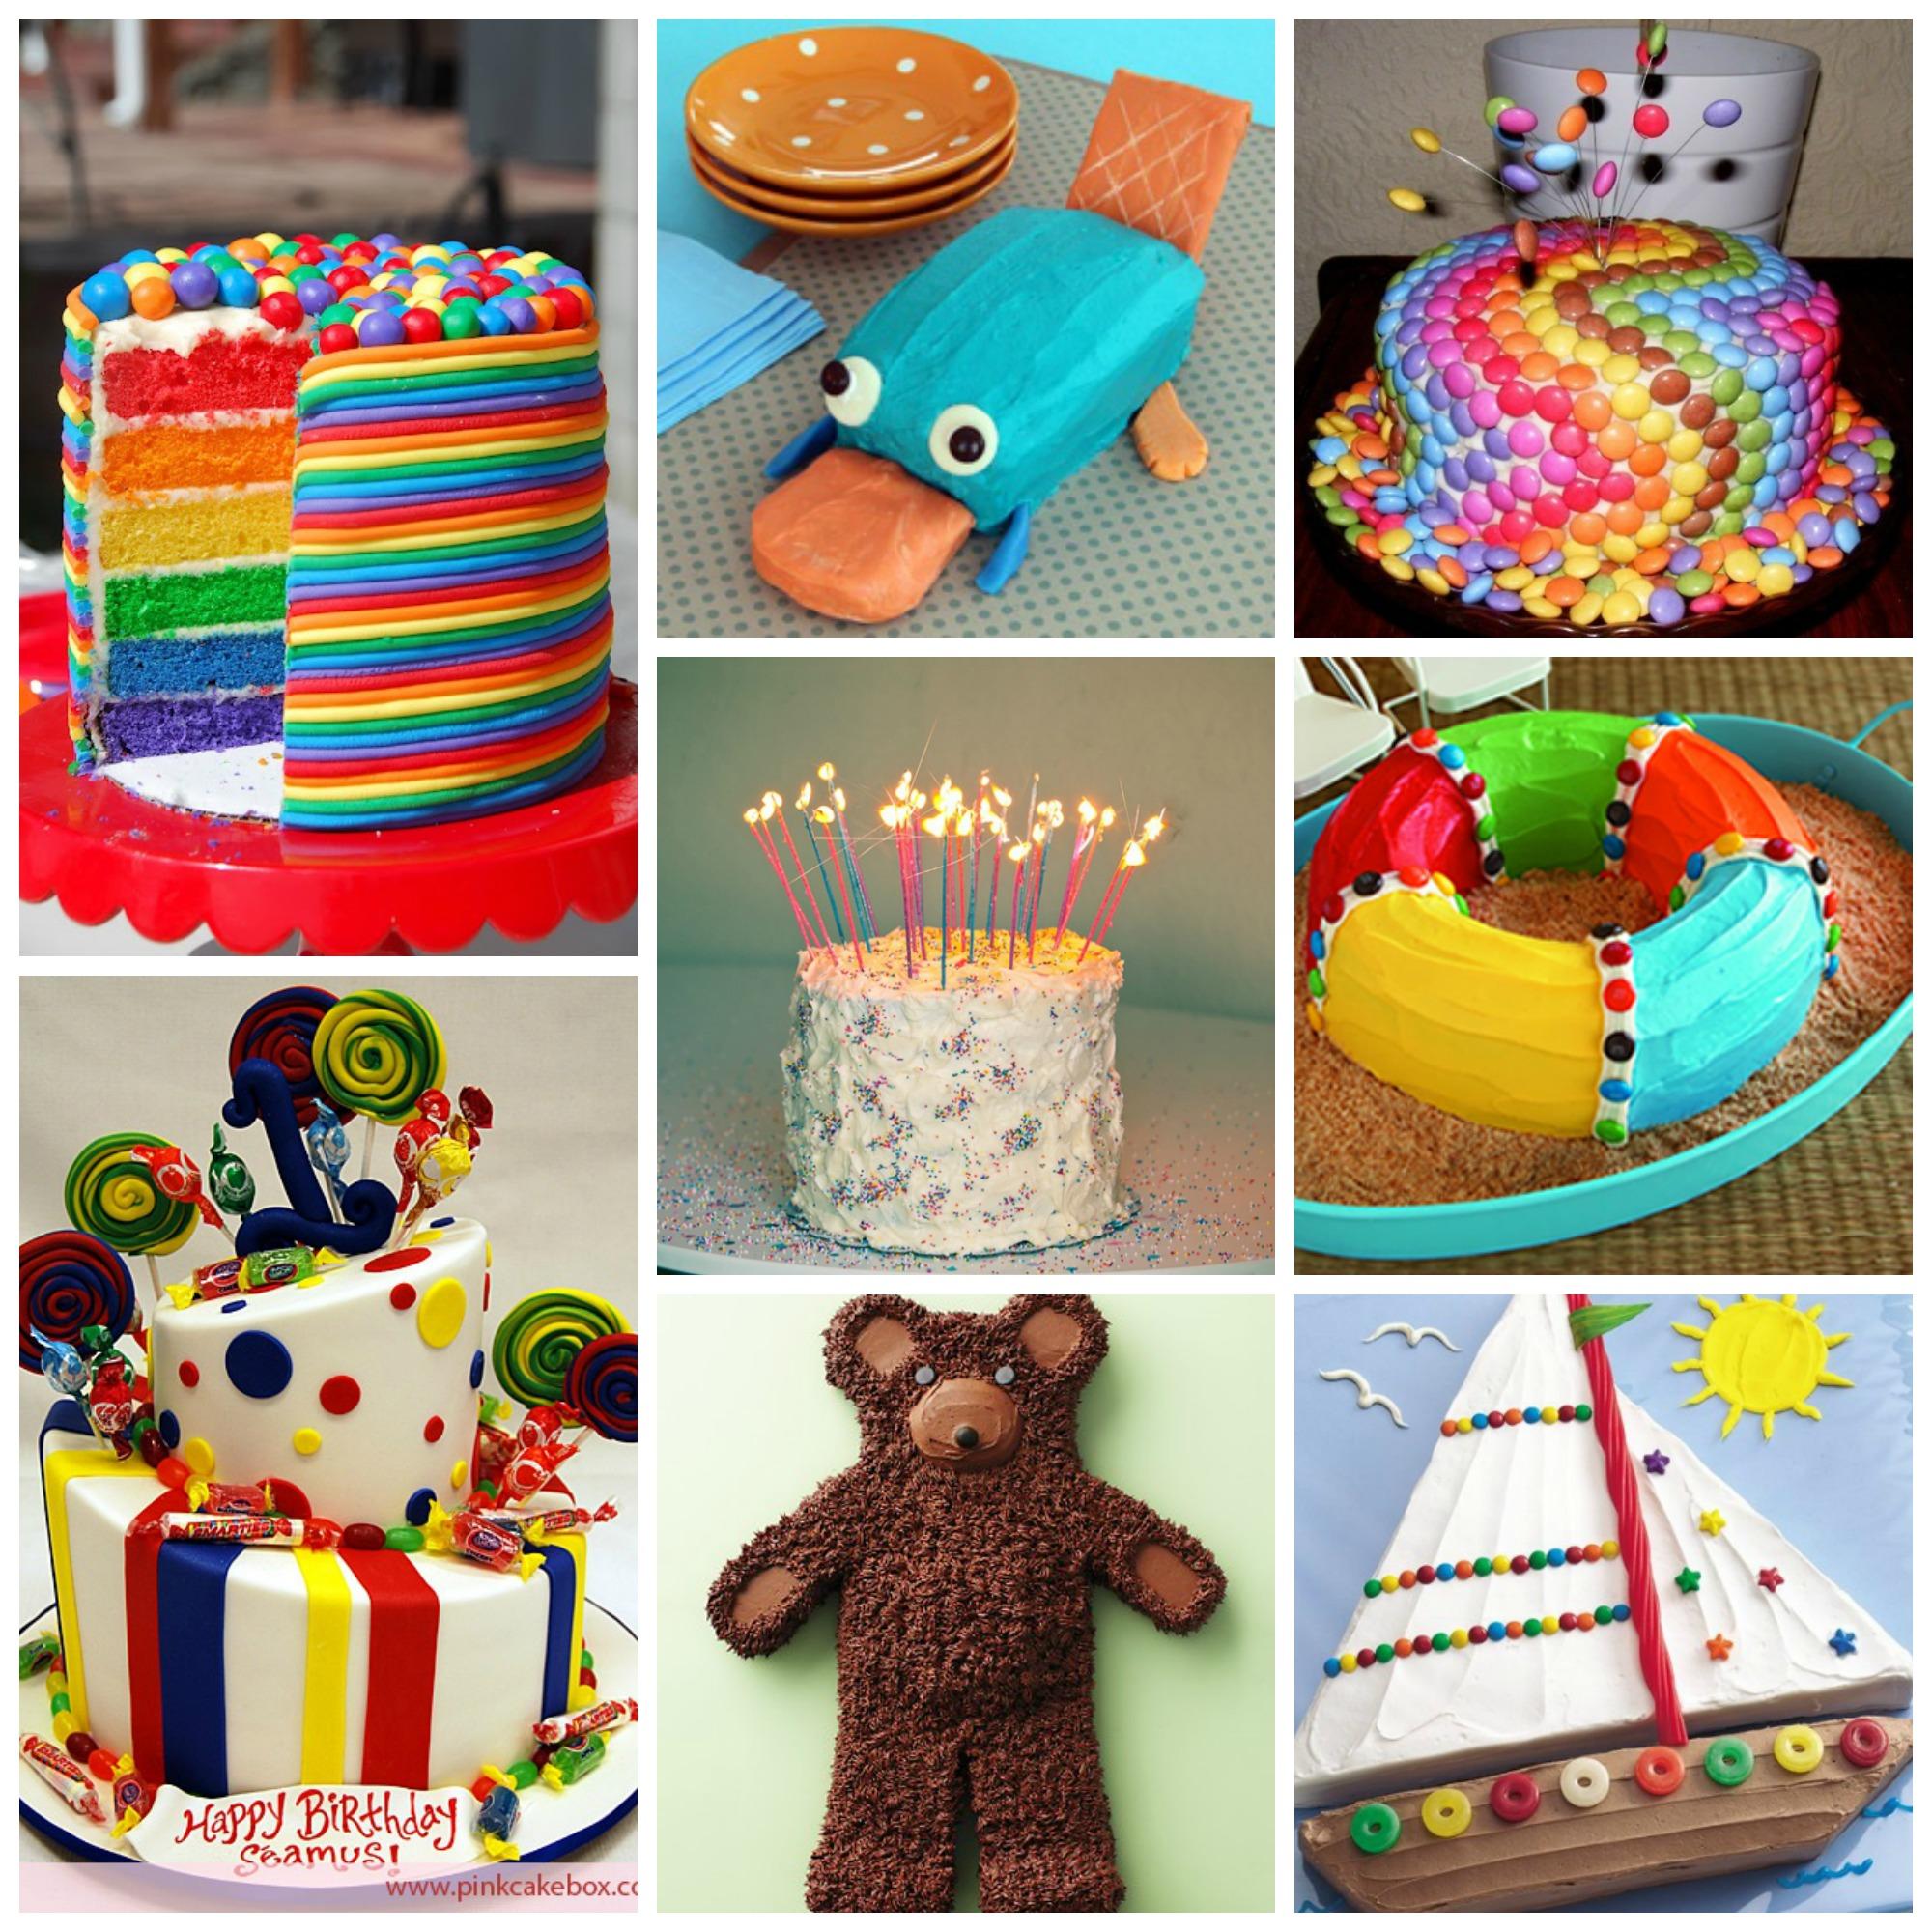 Decoraç u00e3o de bolo ideias simples e fáceis de fazer! -> Decoração De Aniversario Simples Para Homens